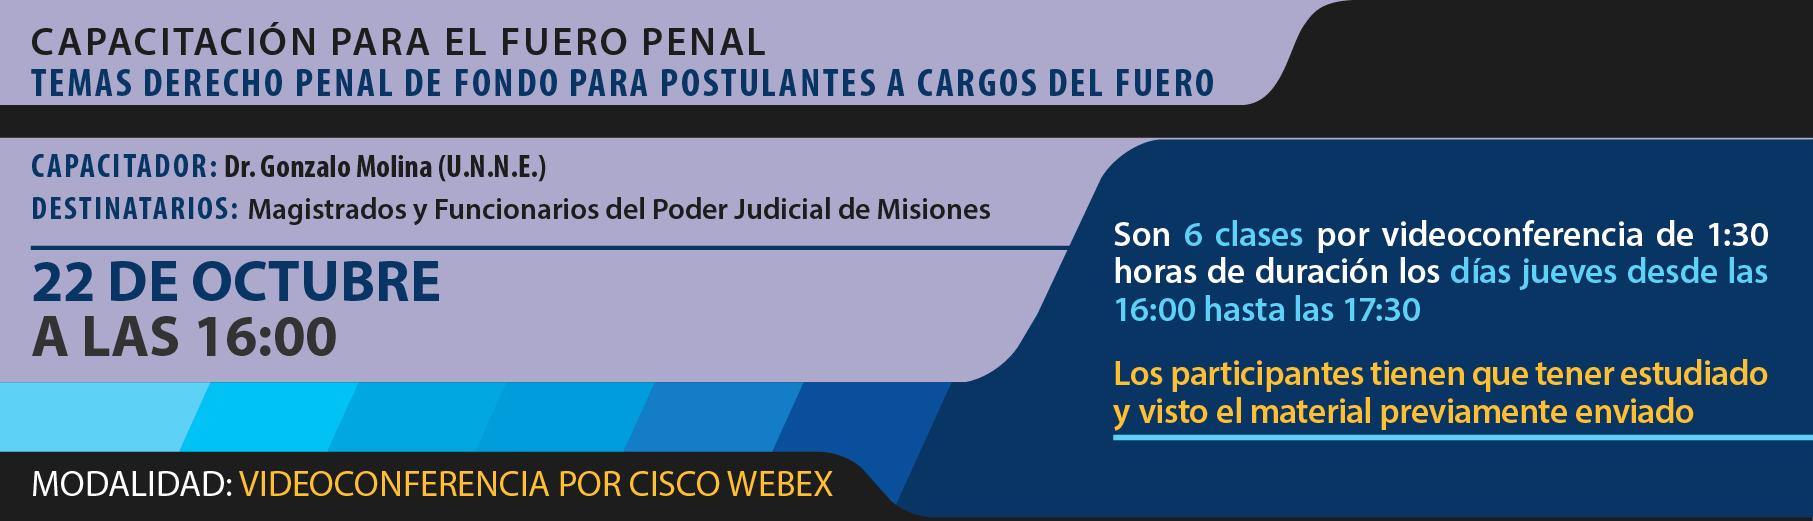 Capacitación para el Fuero Penal Temas Derecho Penal de Fondo para Postulantes a Cargos del Fuero - segunda clase